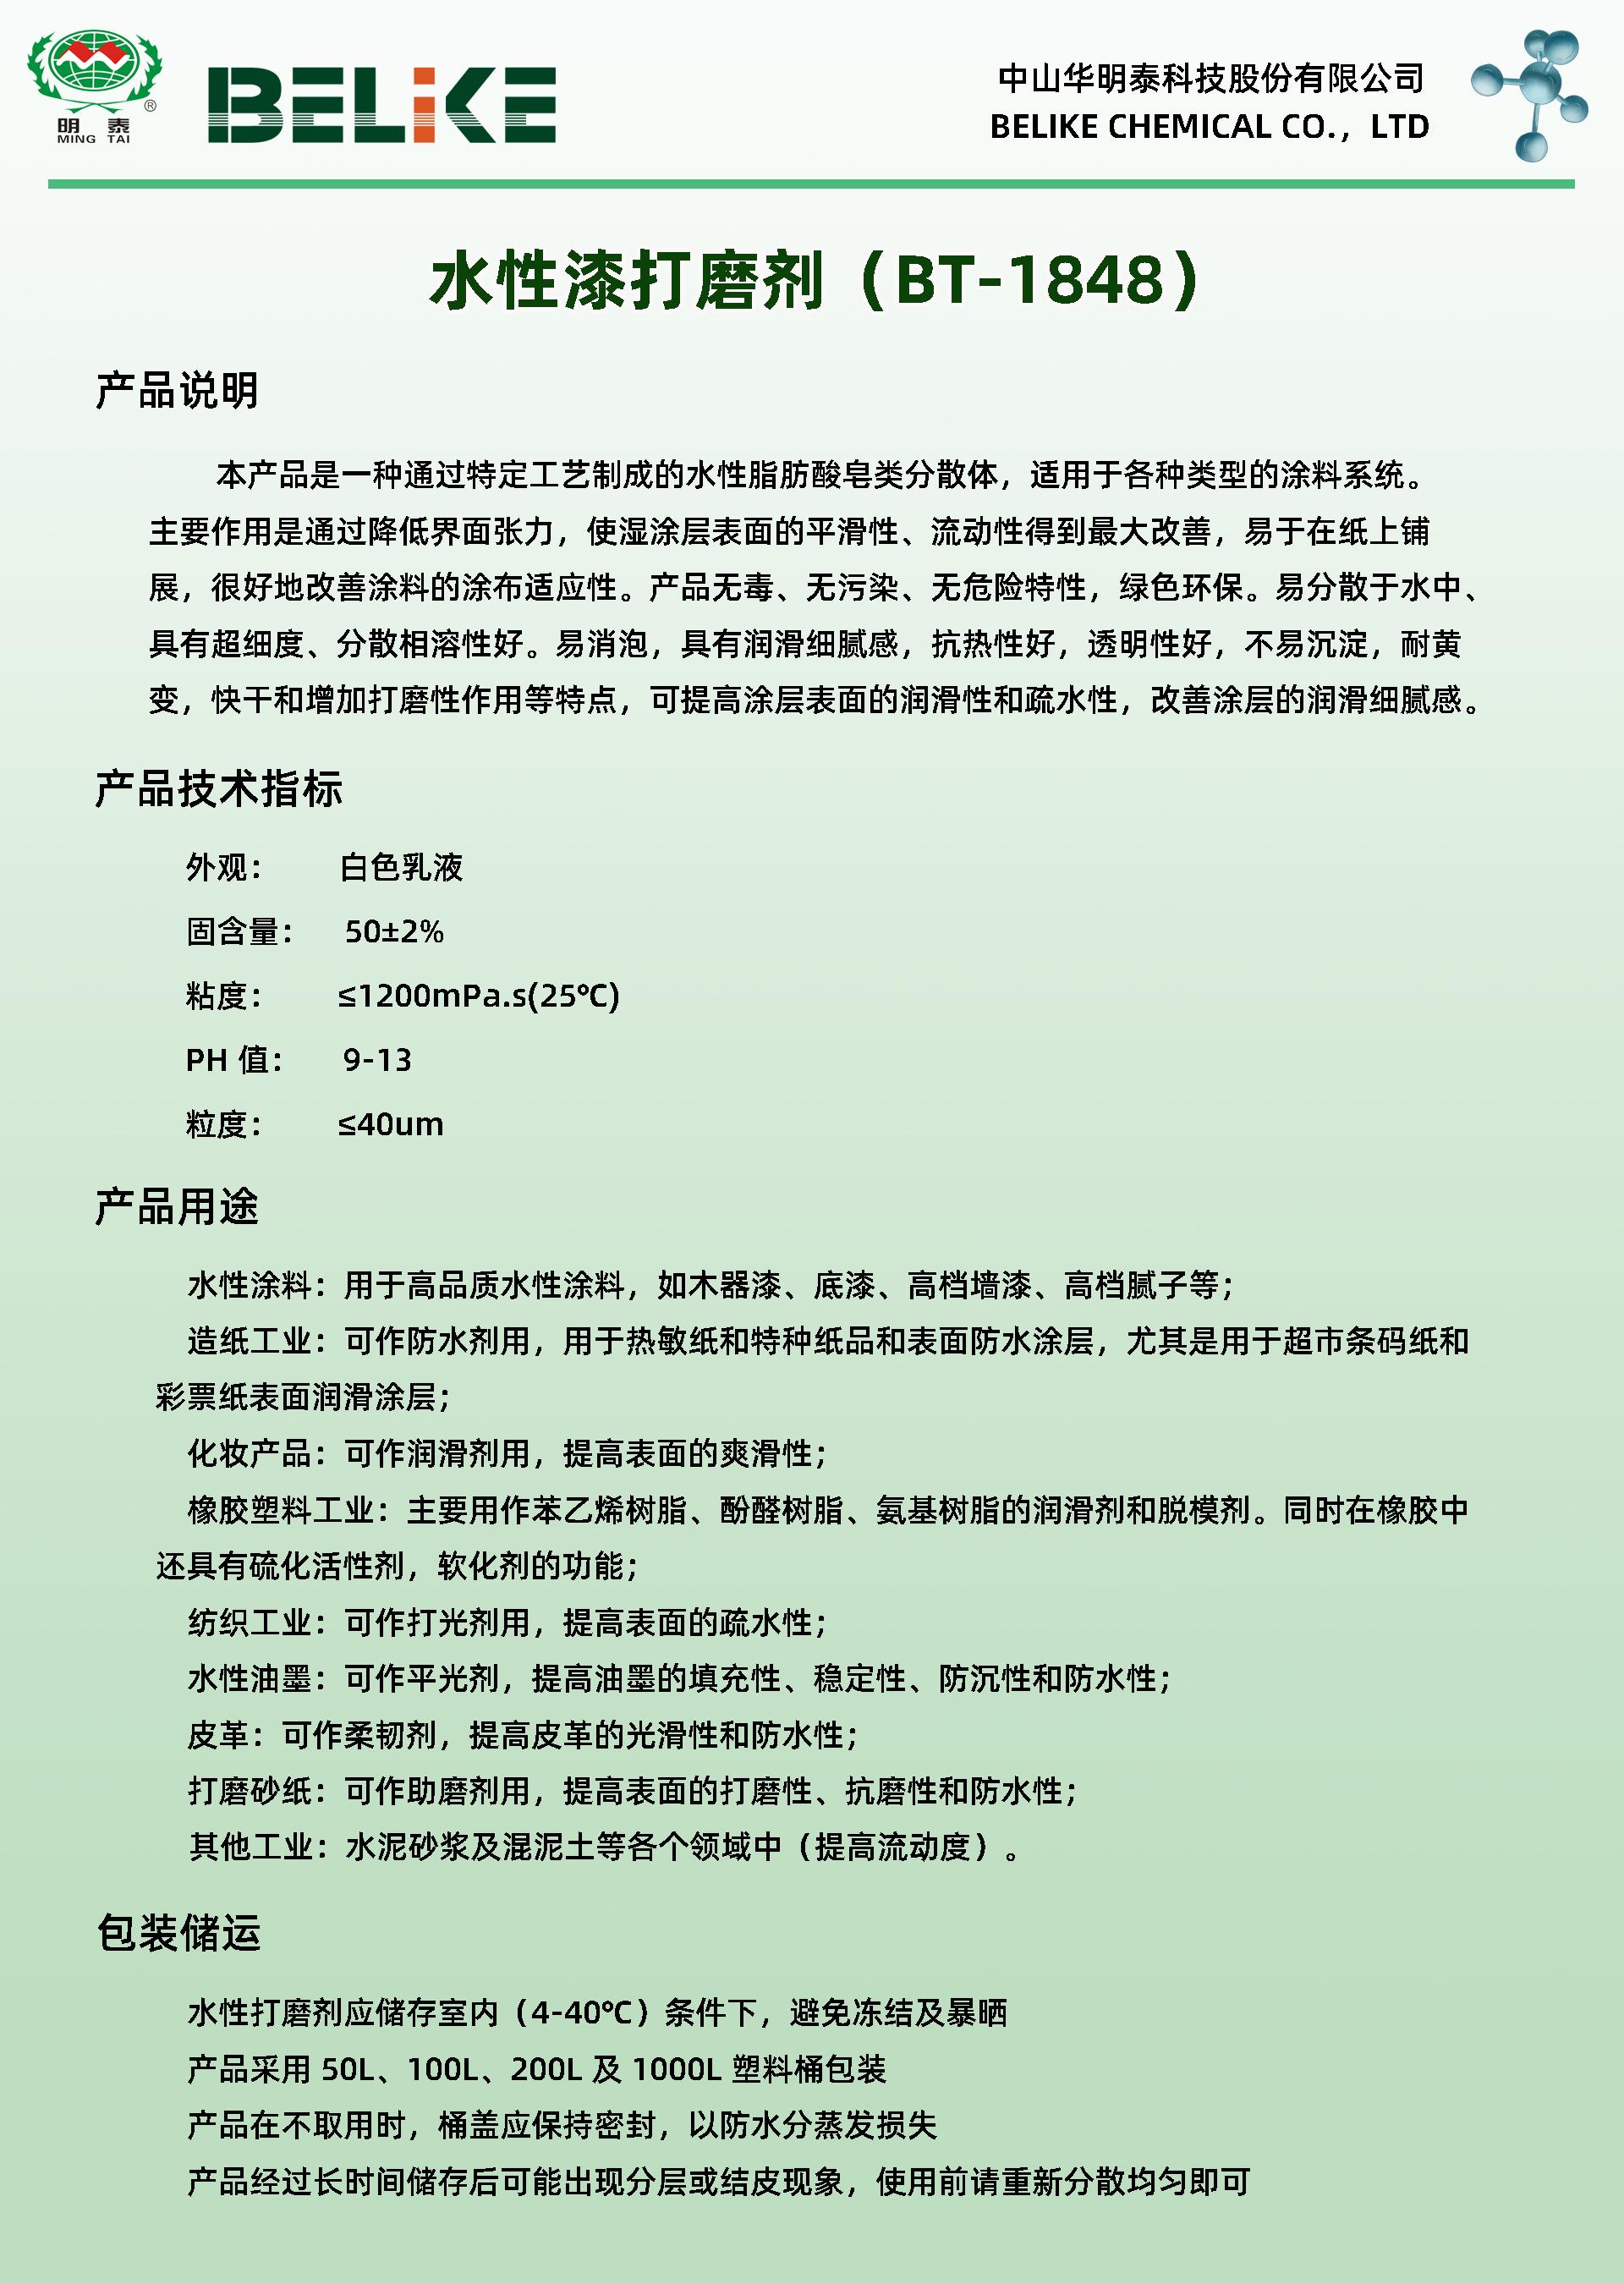 寰俊鍥剧墖_20201126171727.jpg